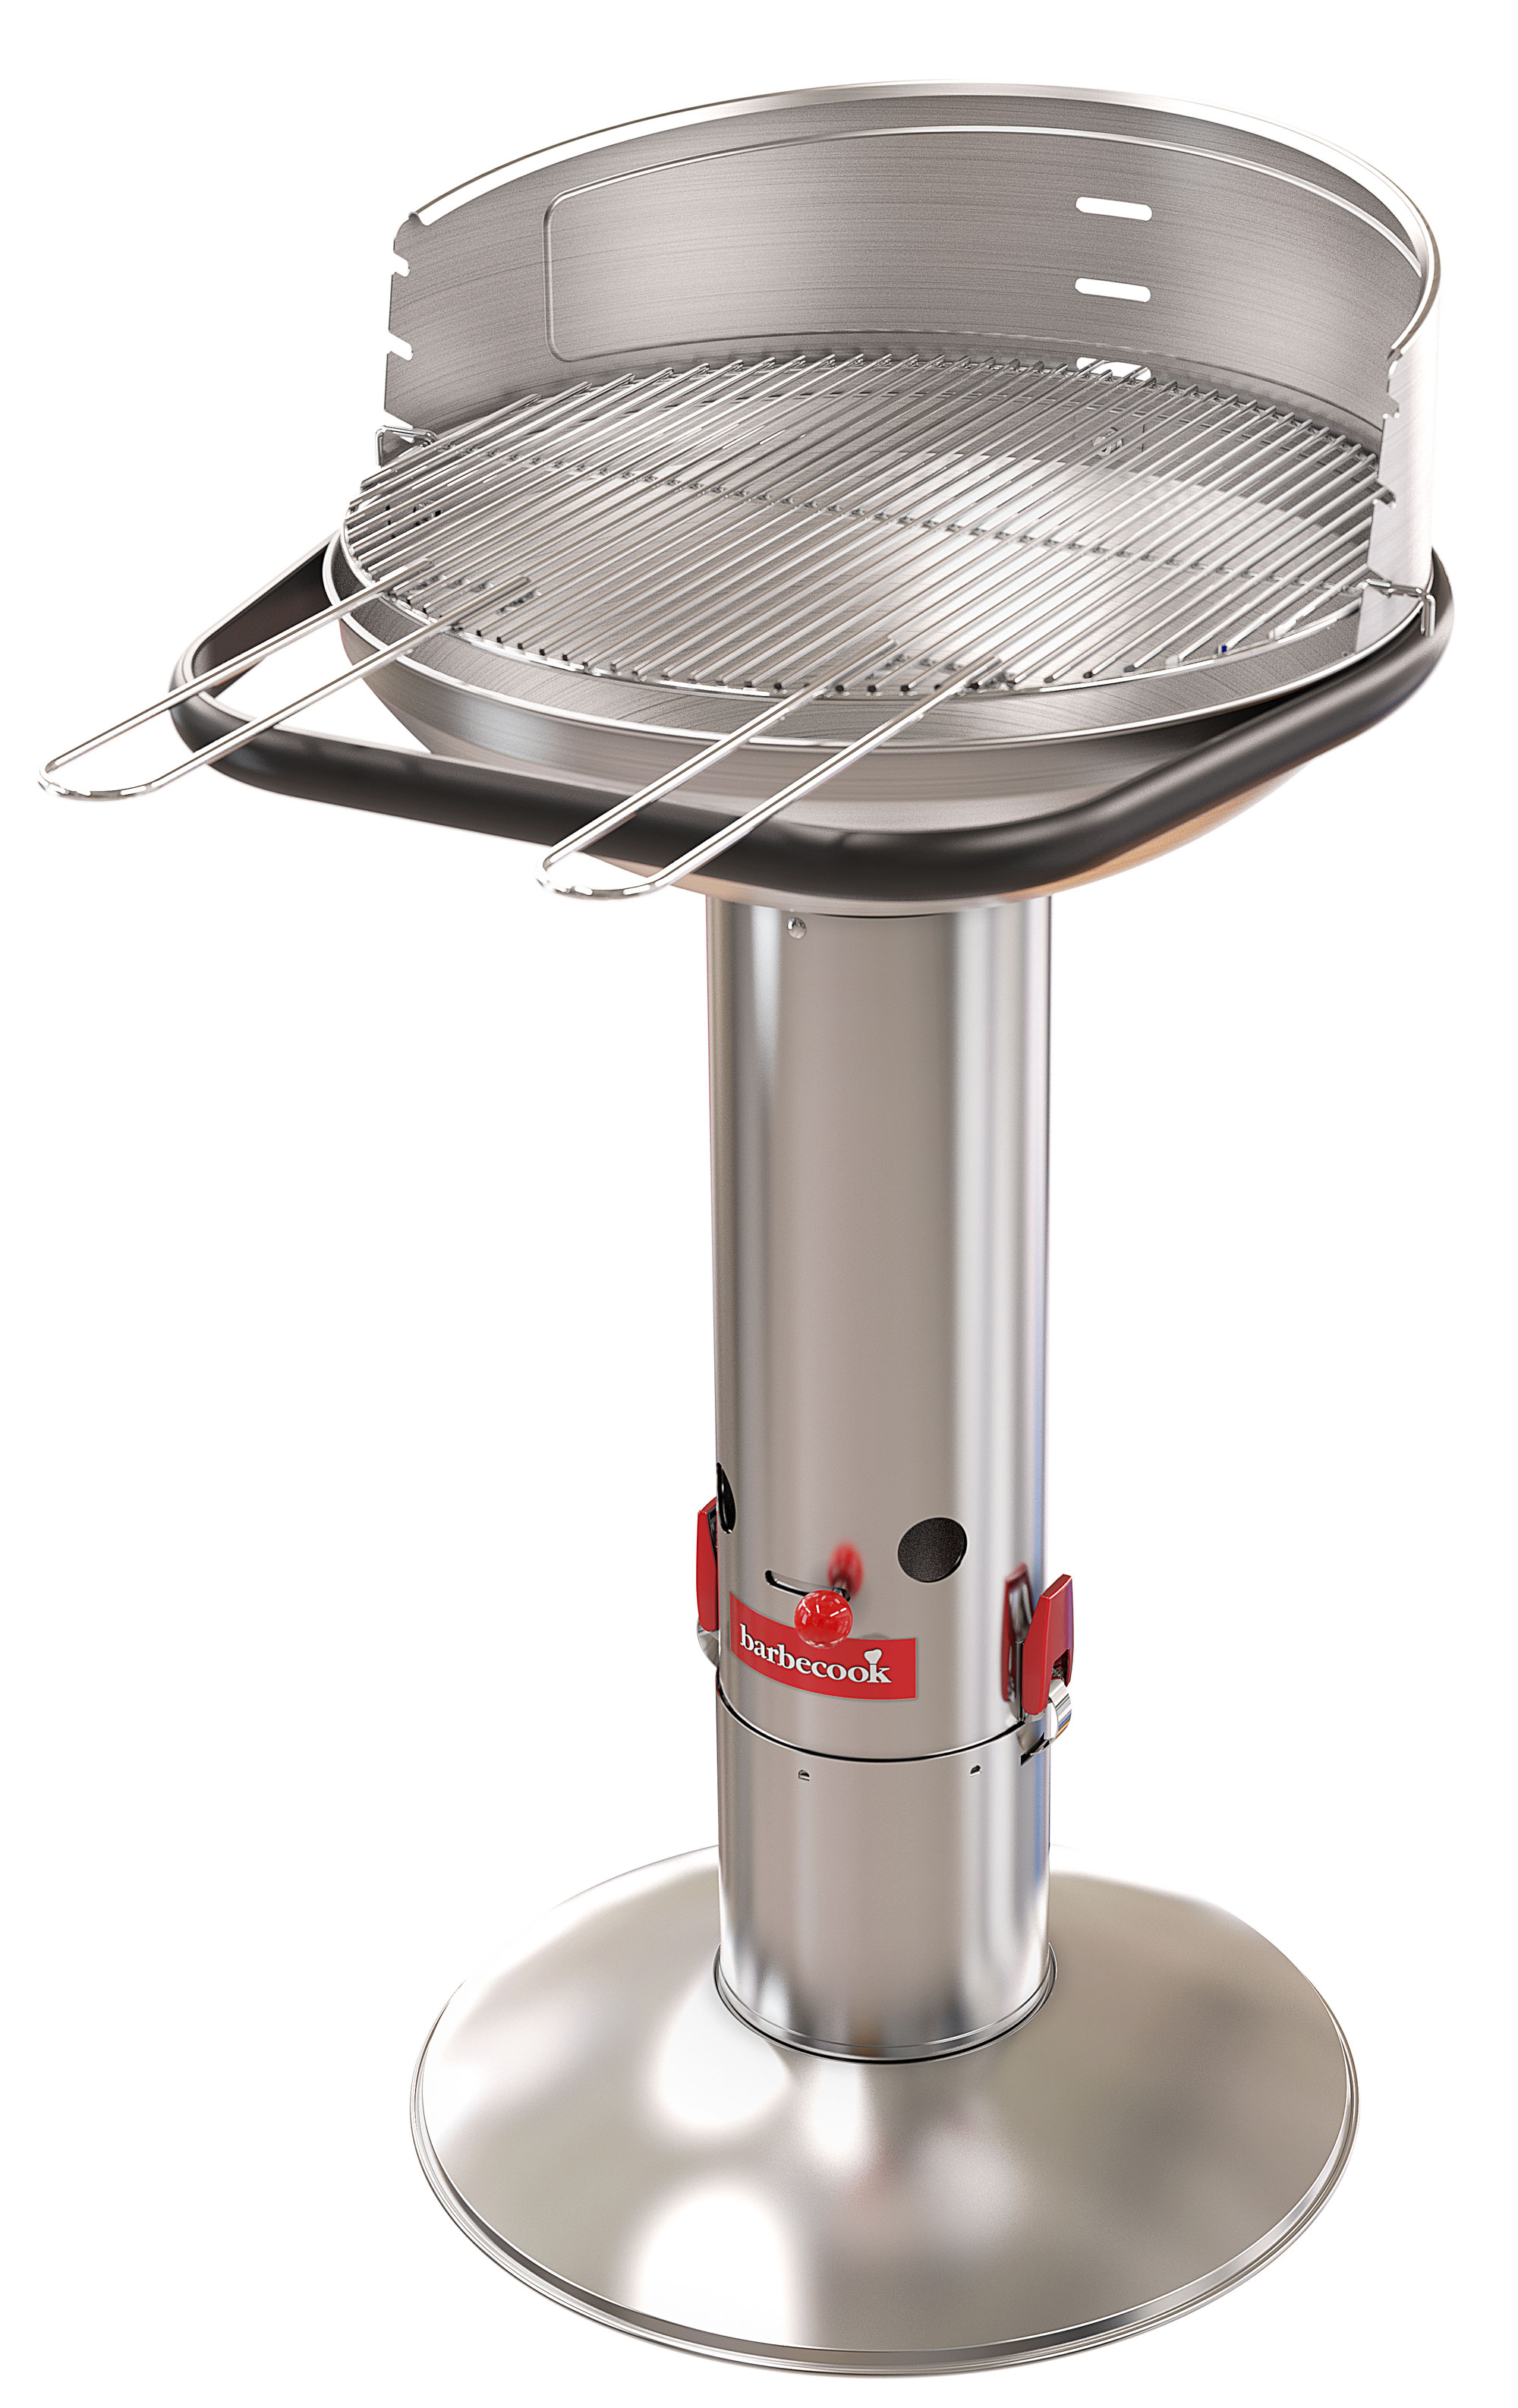 Säulengrill / Holzkohlegrill barbecook Loewy 50 SST Grillfl. Ø47,5cm Bild 1